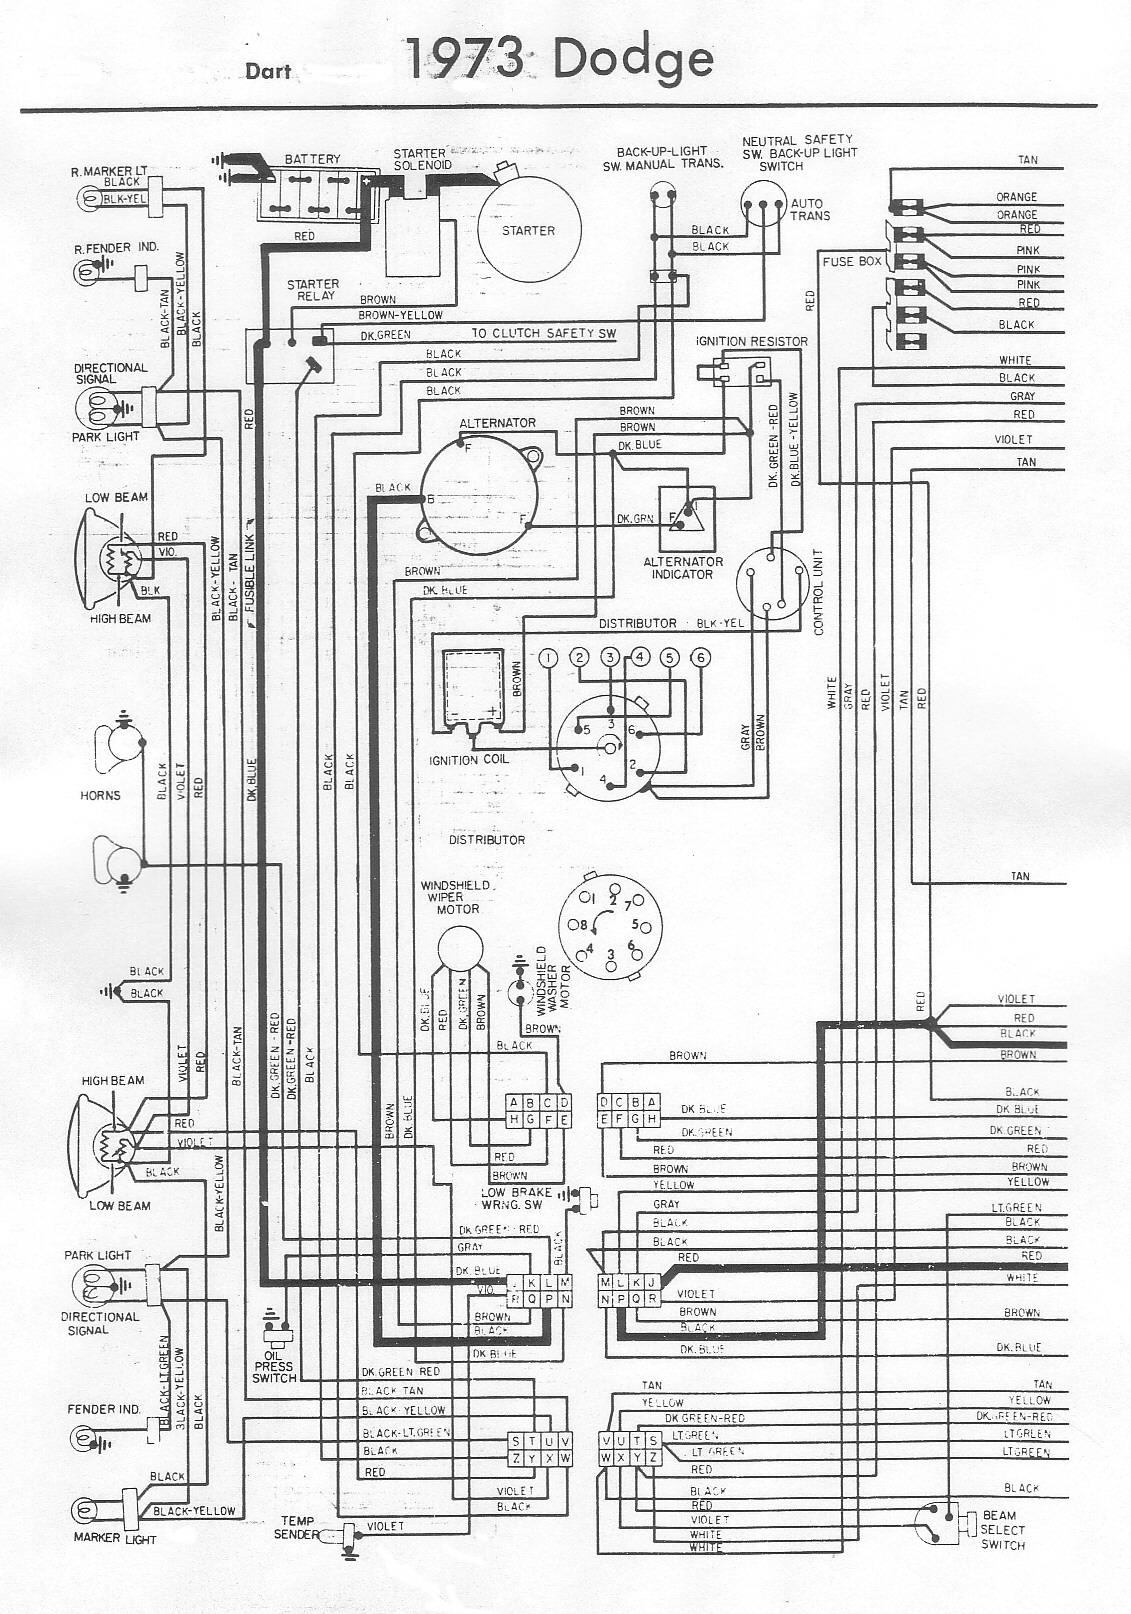 1972 dodge dart wiring diagram schematic 1974 dodge dart wiring diagram wiring diagram schematics  1974 dodge dart wiring diagram wiring